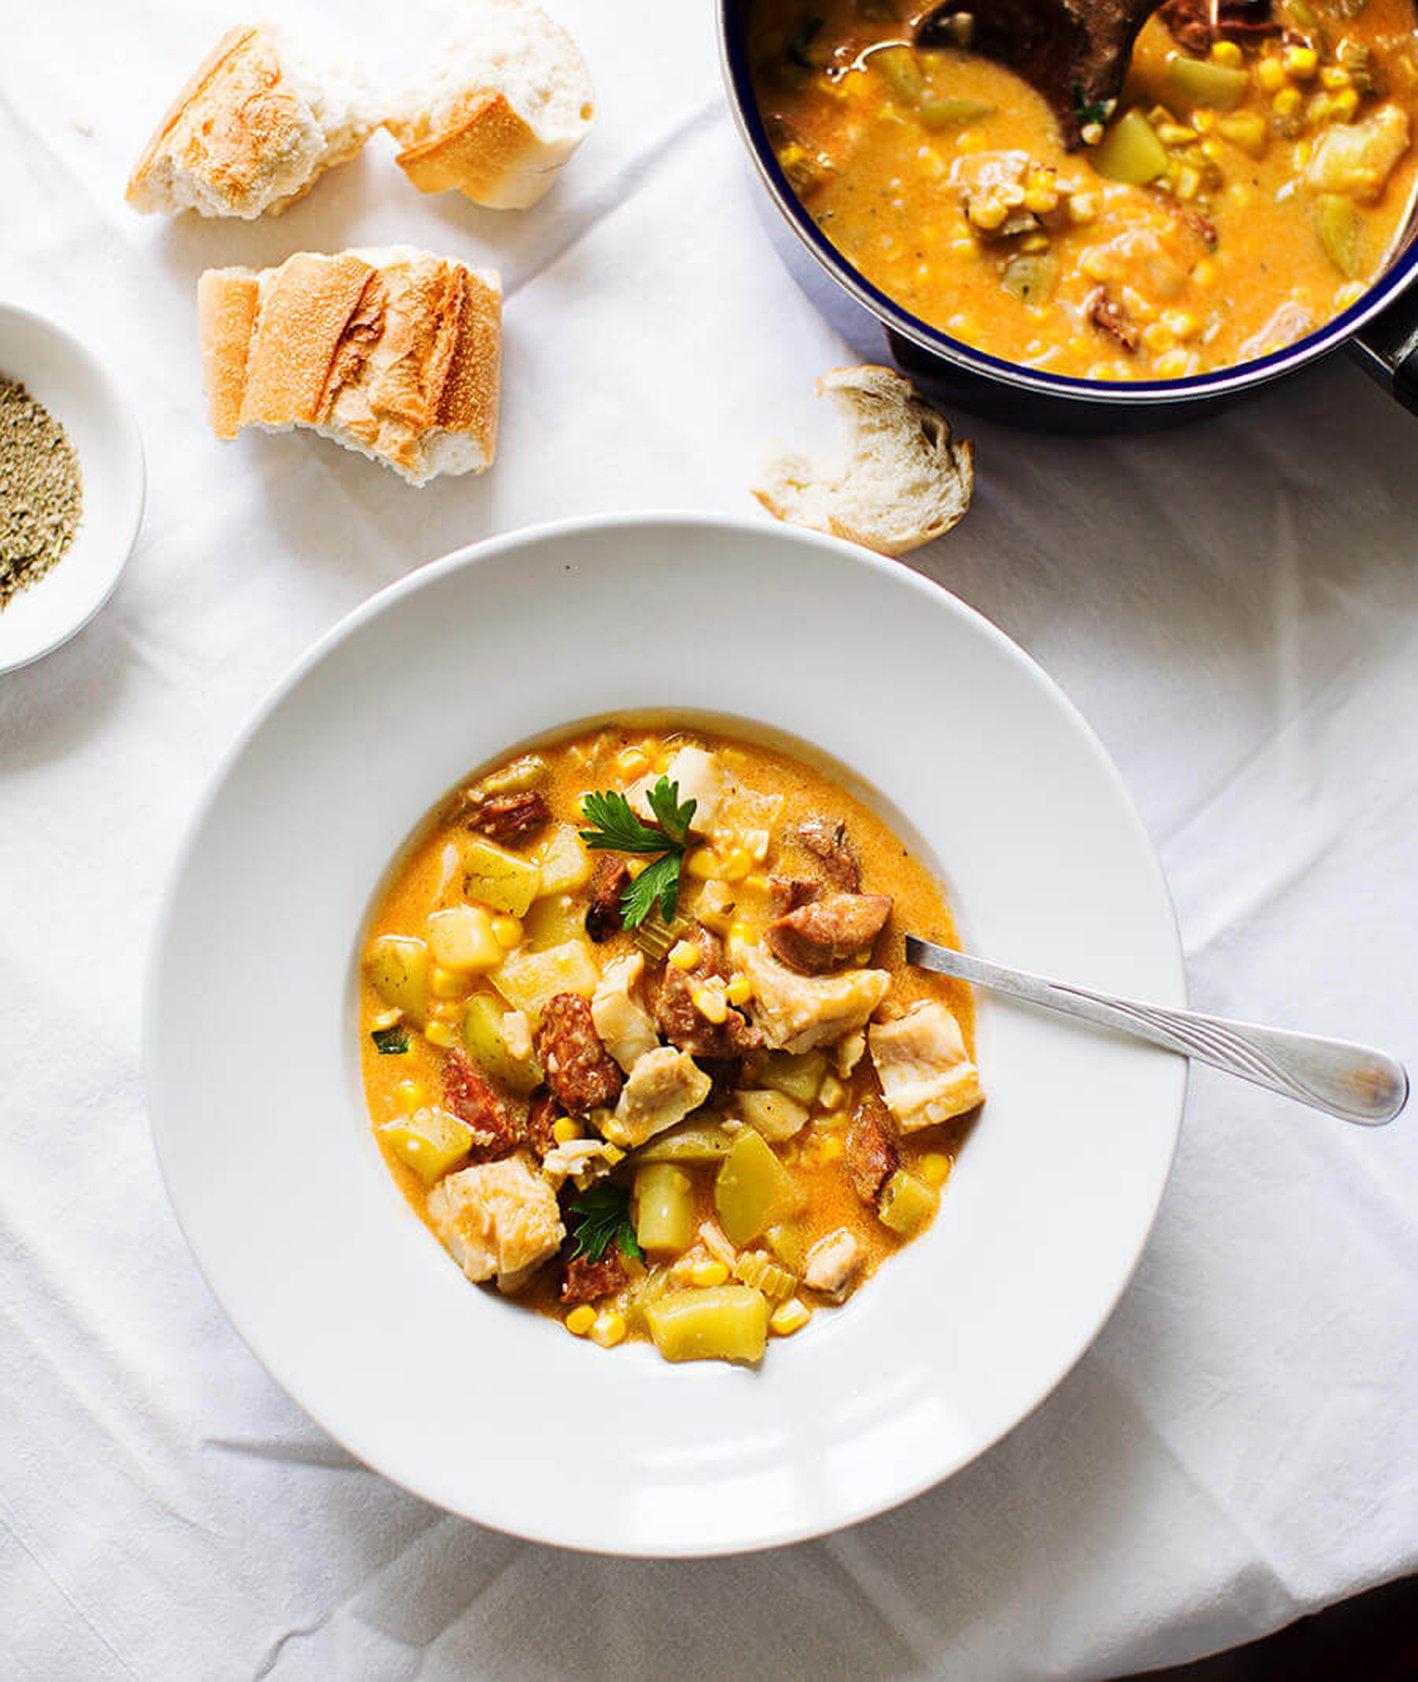 zupa z rybą, zupa kukurydziana, sposób na kukurydzę, jak ugotować kukurydzę, rozgrzewający obiad, kuchnia meksykańska, zupa warzywna, jak ugotować bulion, dania z kukurydzy